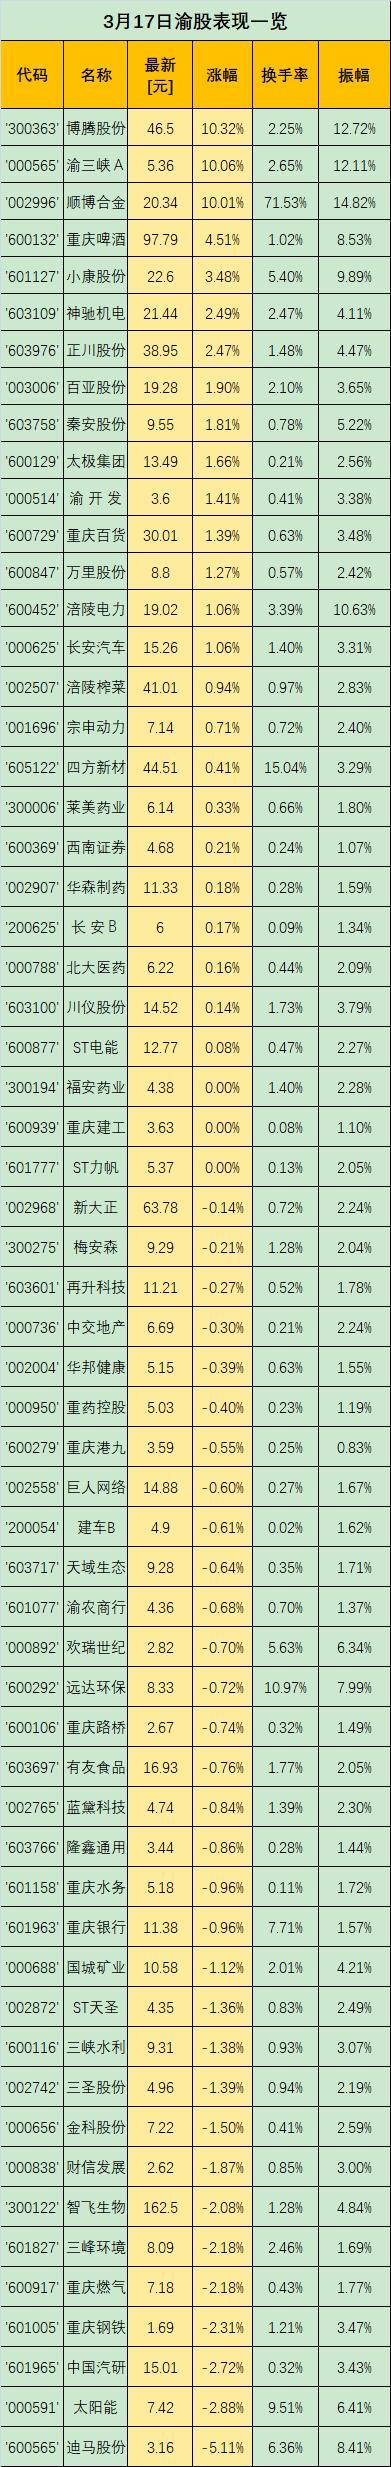 渝股点金 | 华龙证券王冬炎:渝三峡A放量涨停,后期分歧或加大